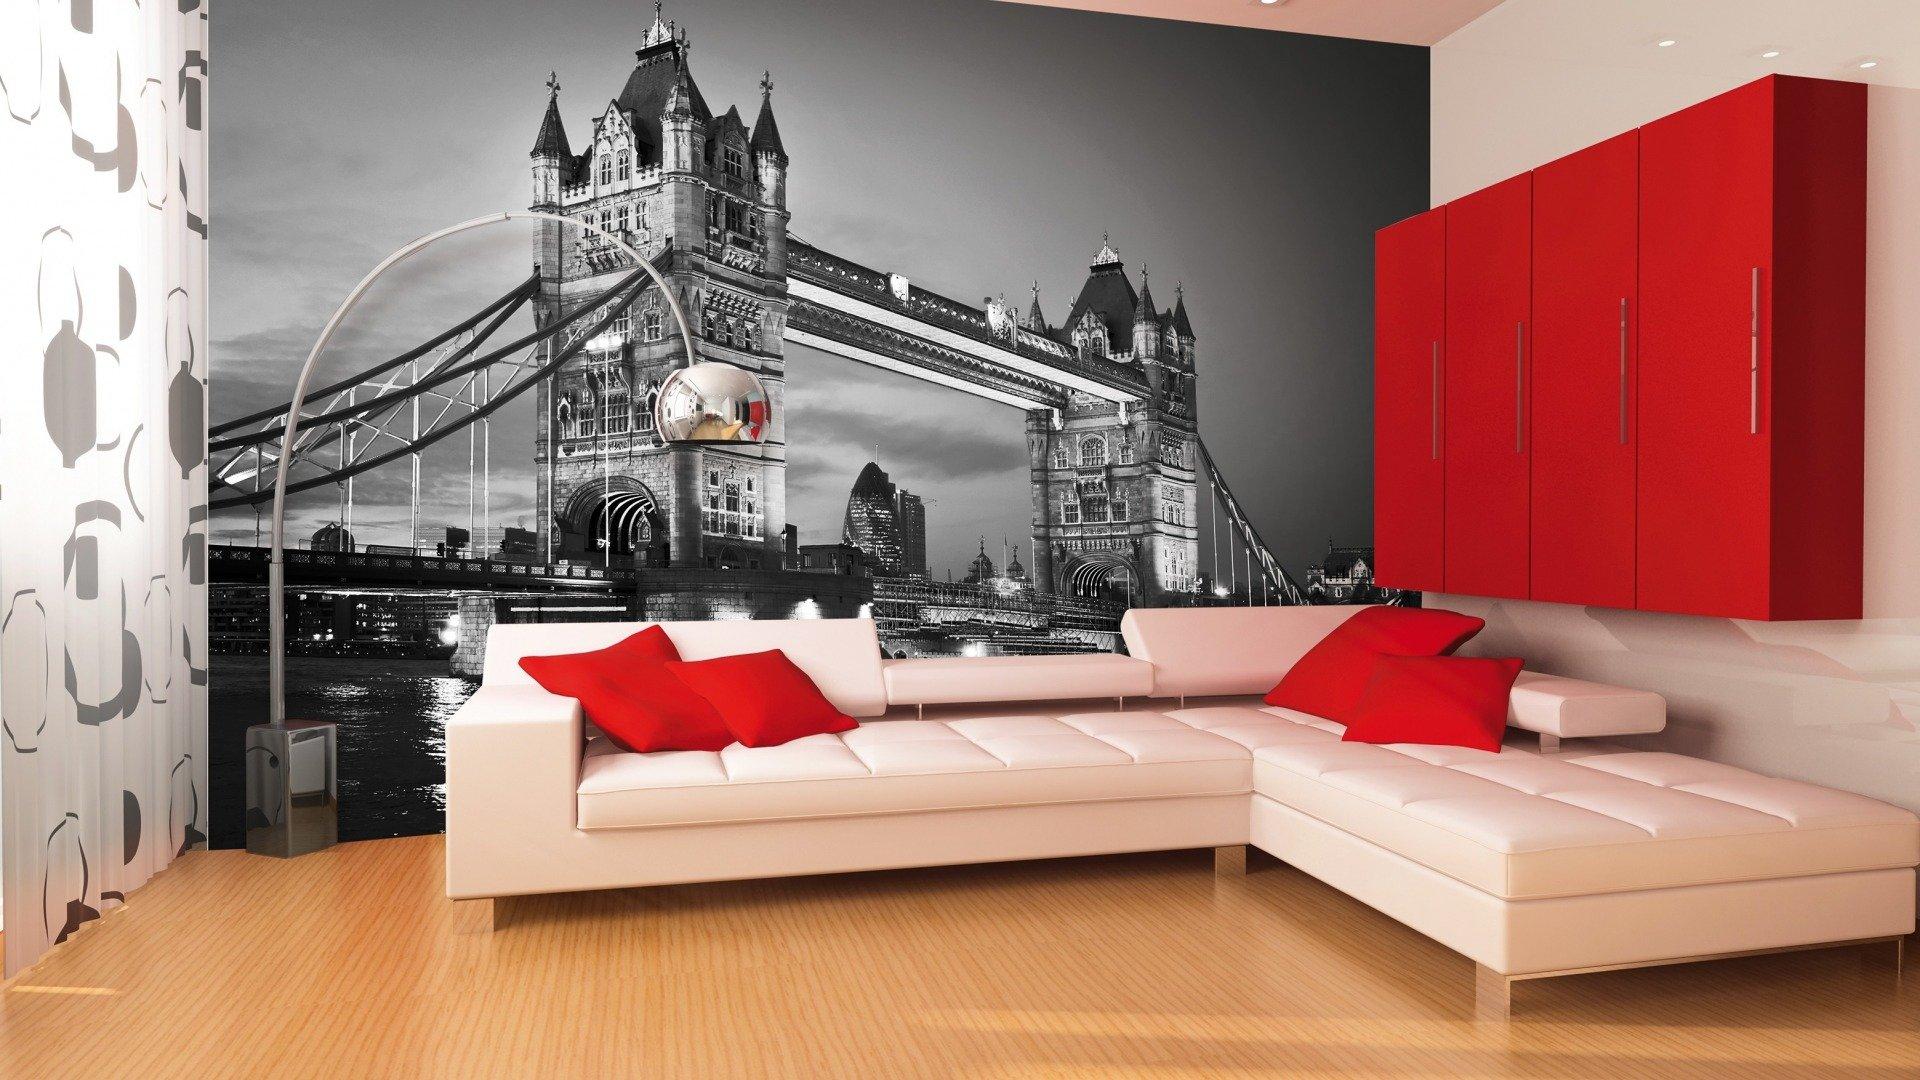 3d-обои с лондонским пейзажем в гостиной